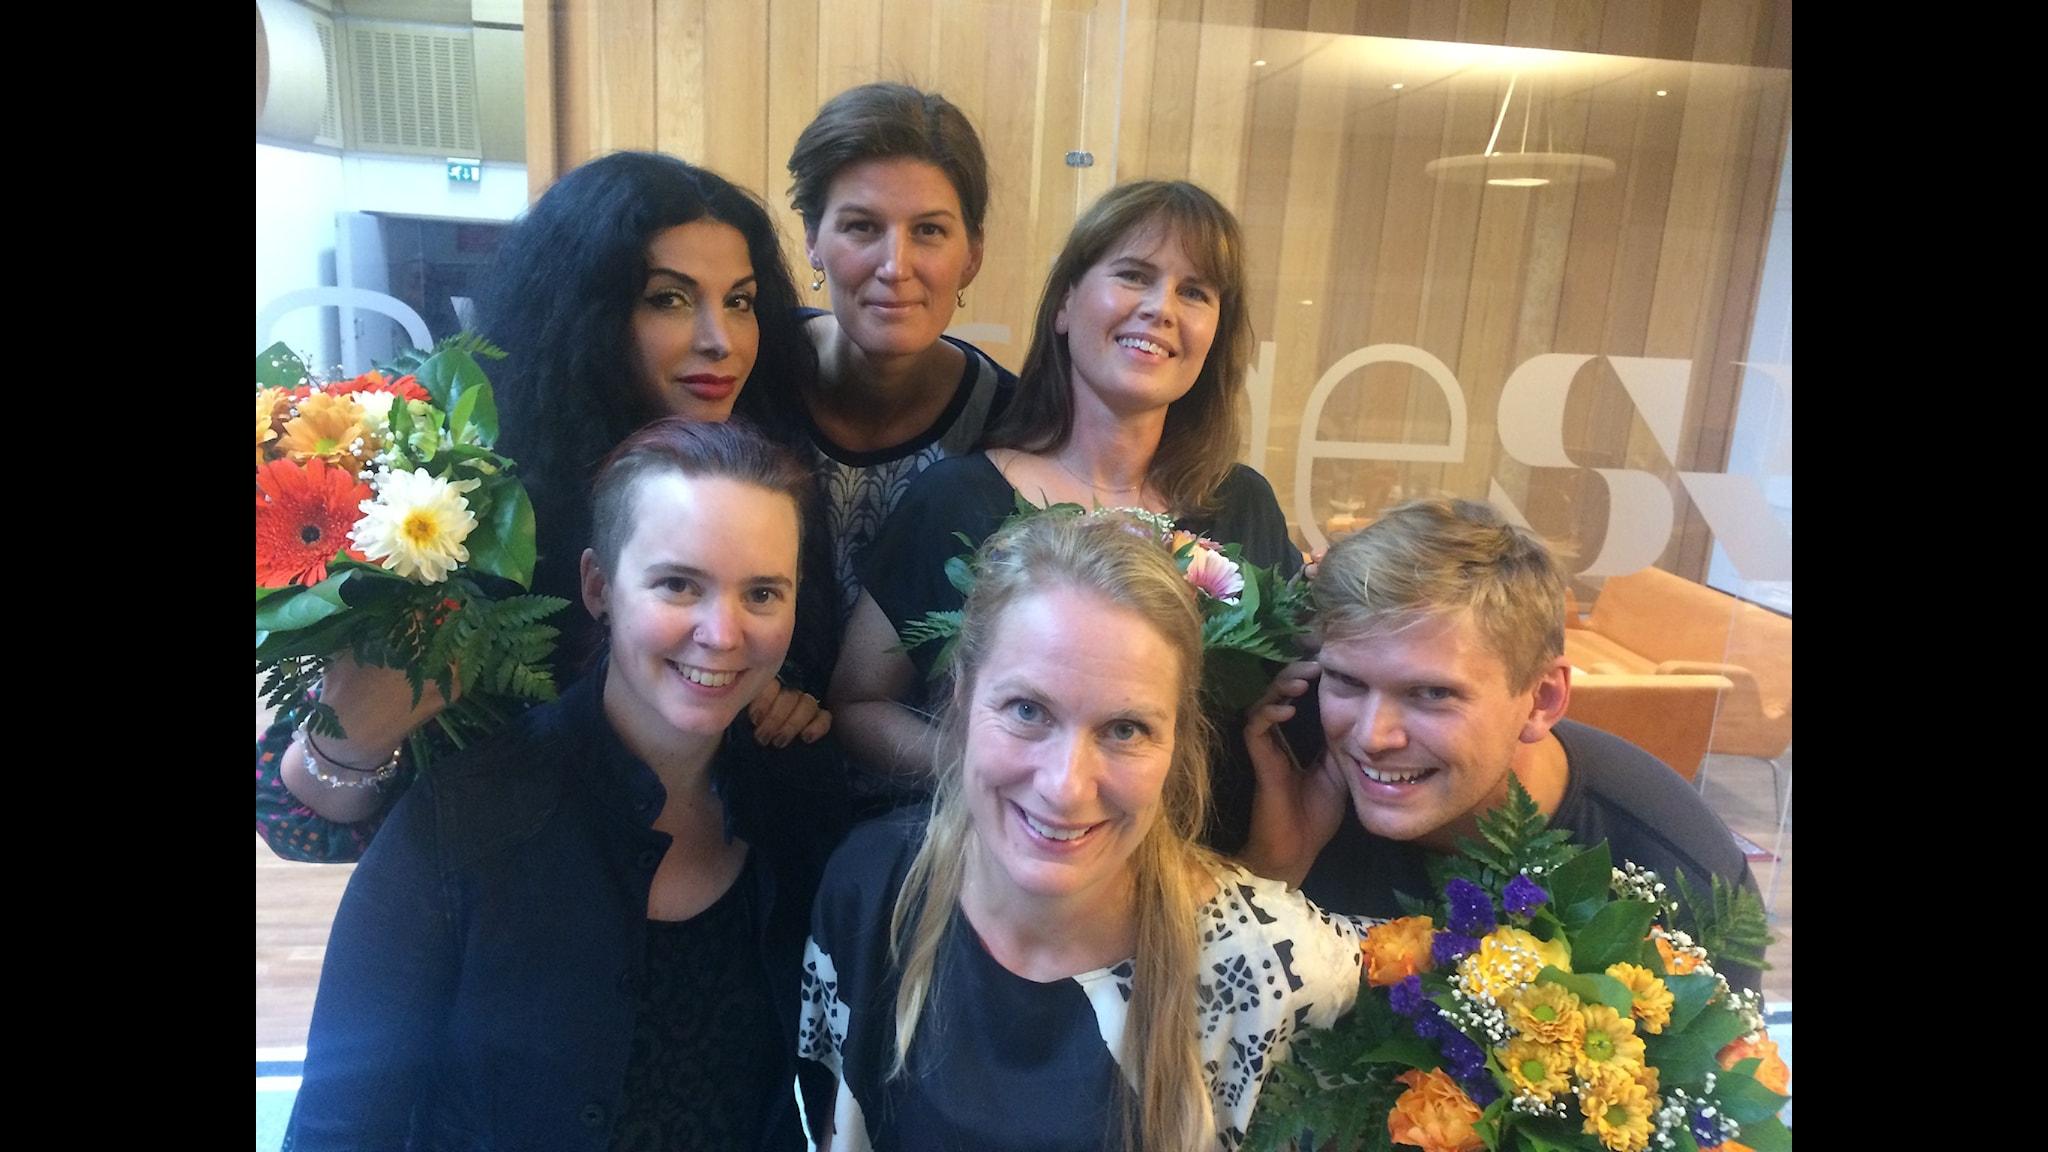 Nike Nylander, Cecilia Gralde, Henrik Torehammar, Zinat Pirzadeh, Sara Lövestam och Annika Lantz med blombuketter. Foto: Anna-Karin Ivarsson/SR.